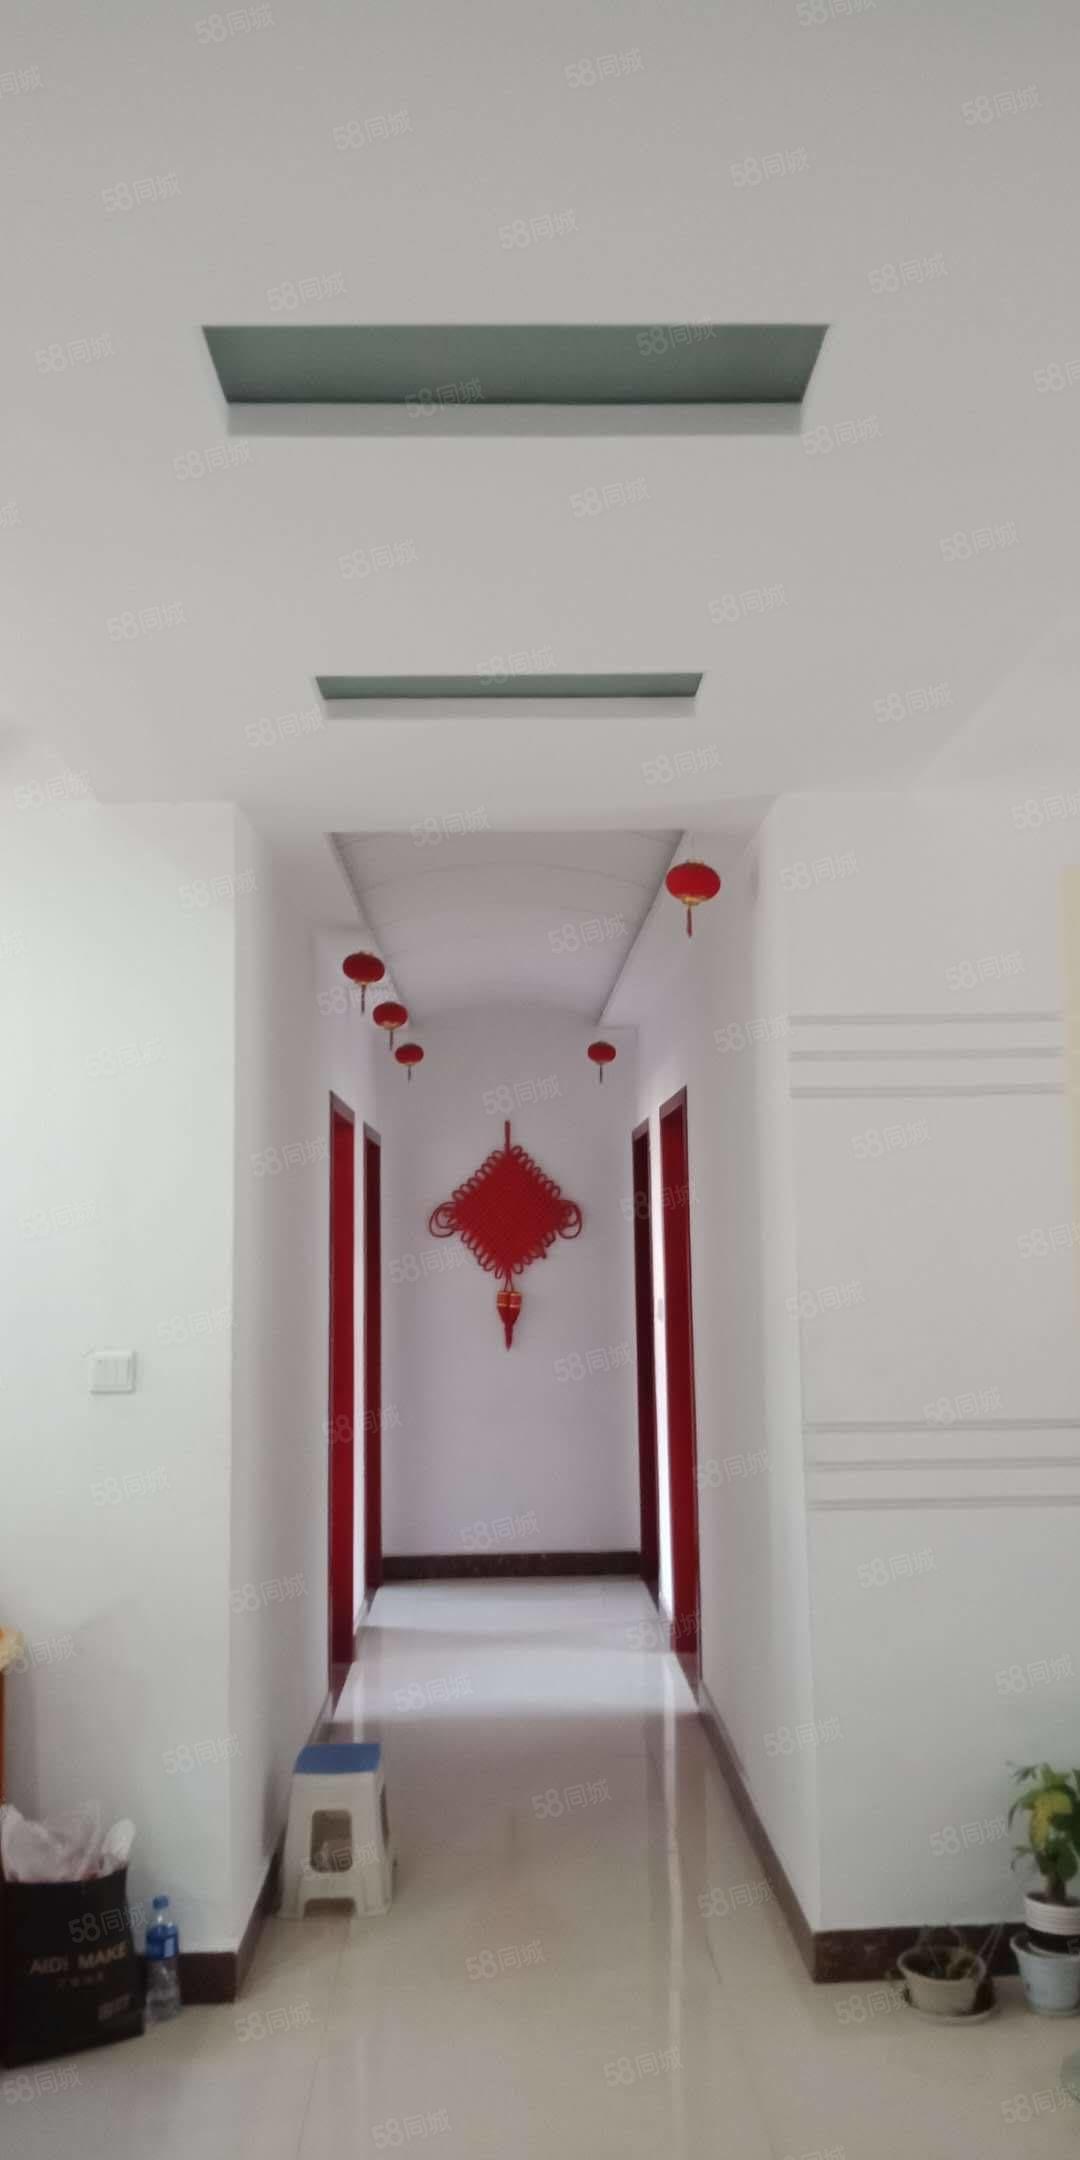 欧洲小镇5楼4室2厅2卫